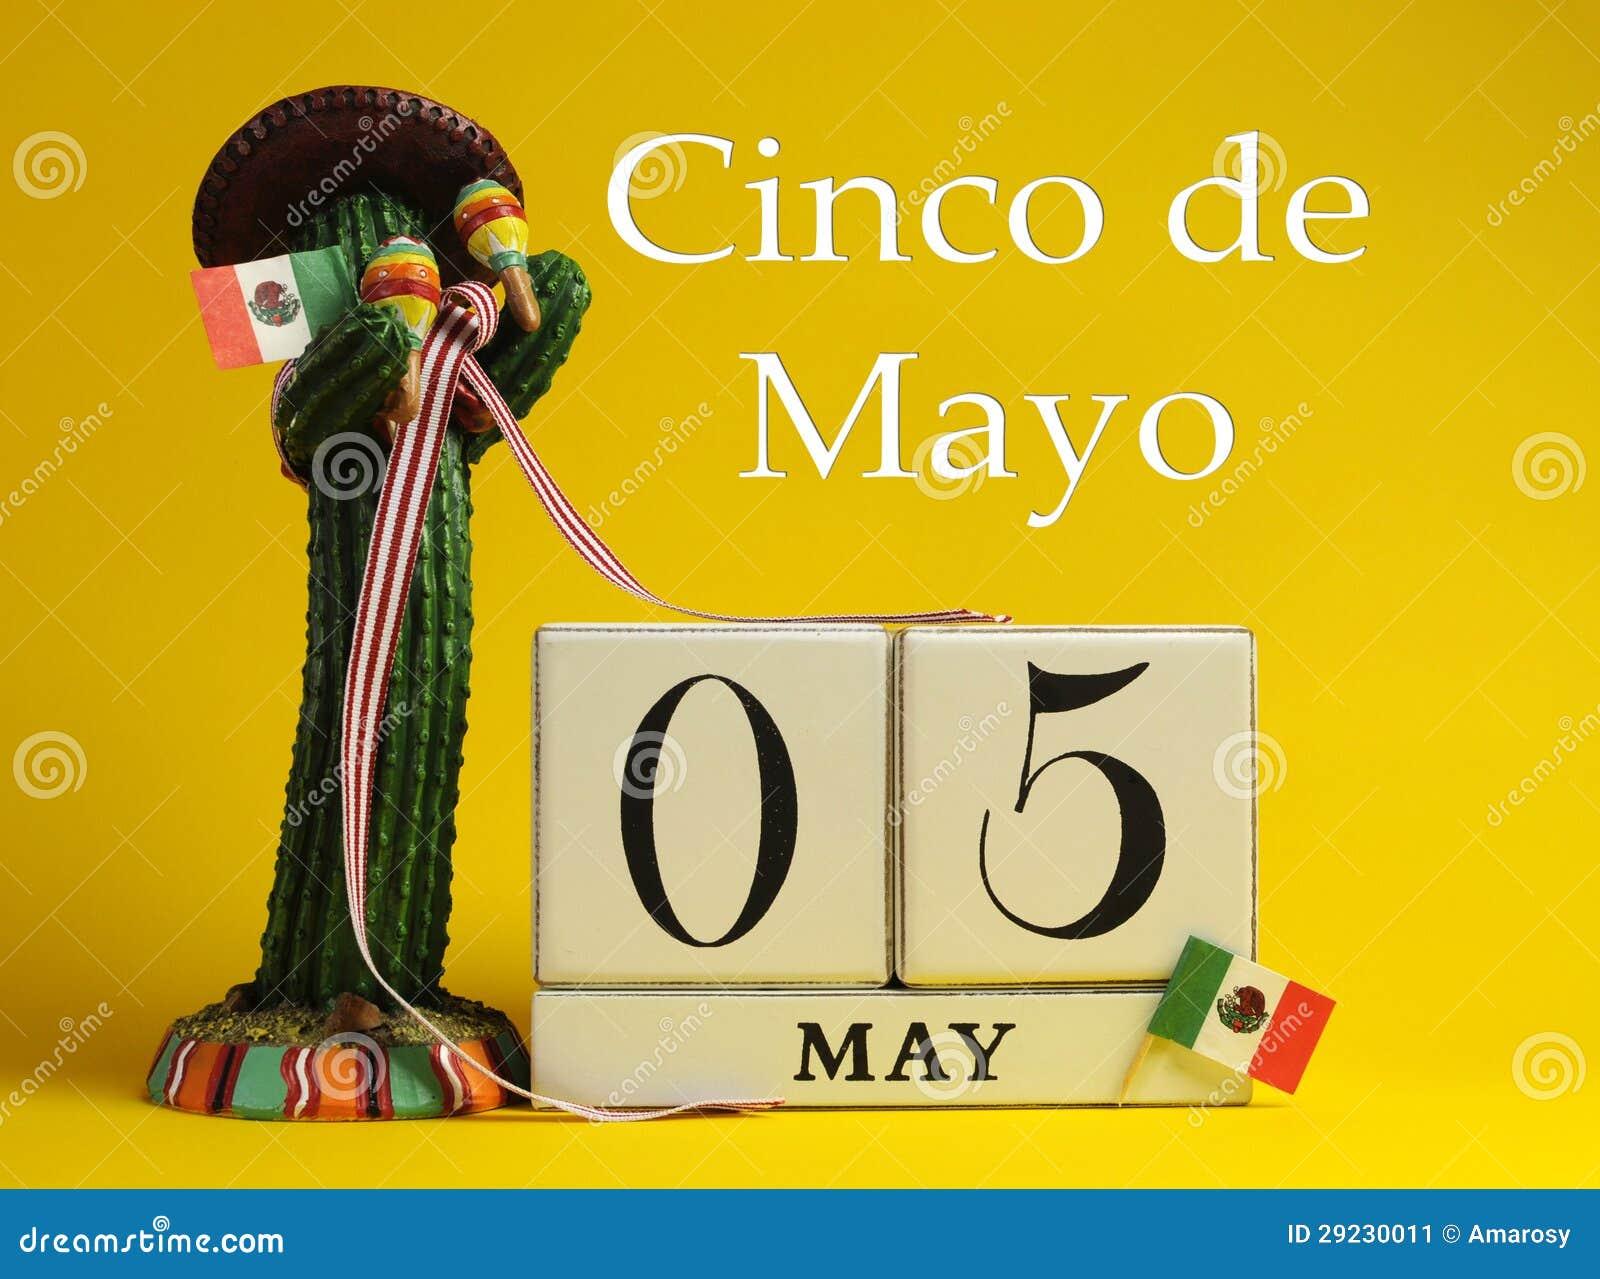 Cinco de May, May 5, calendar